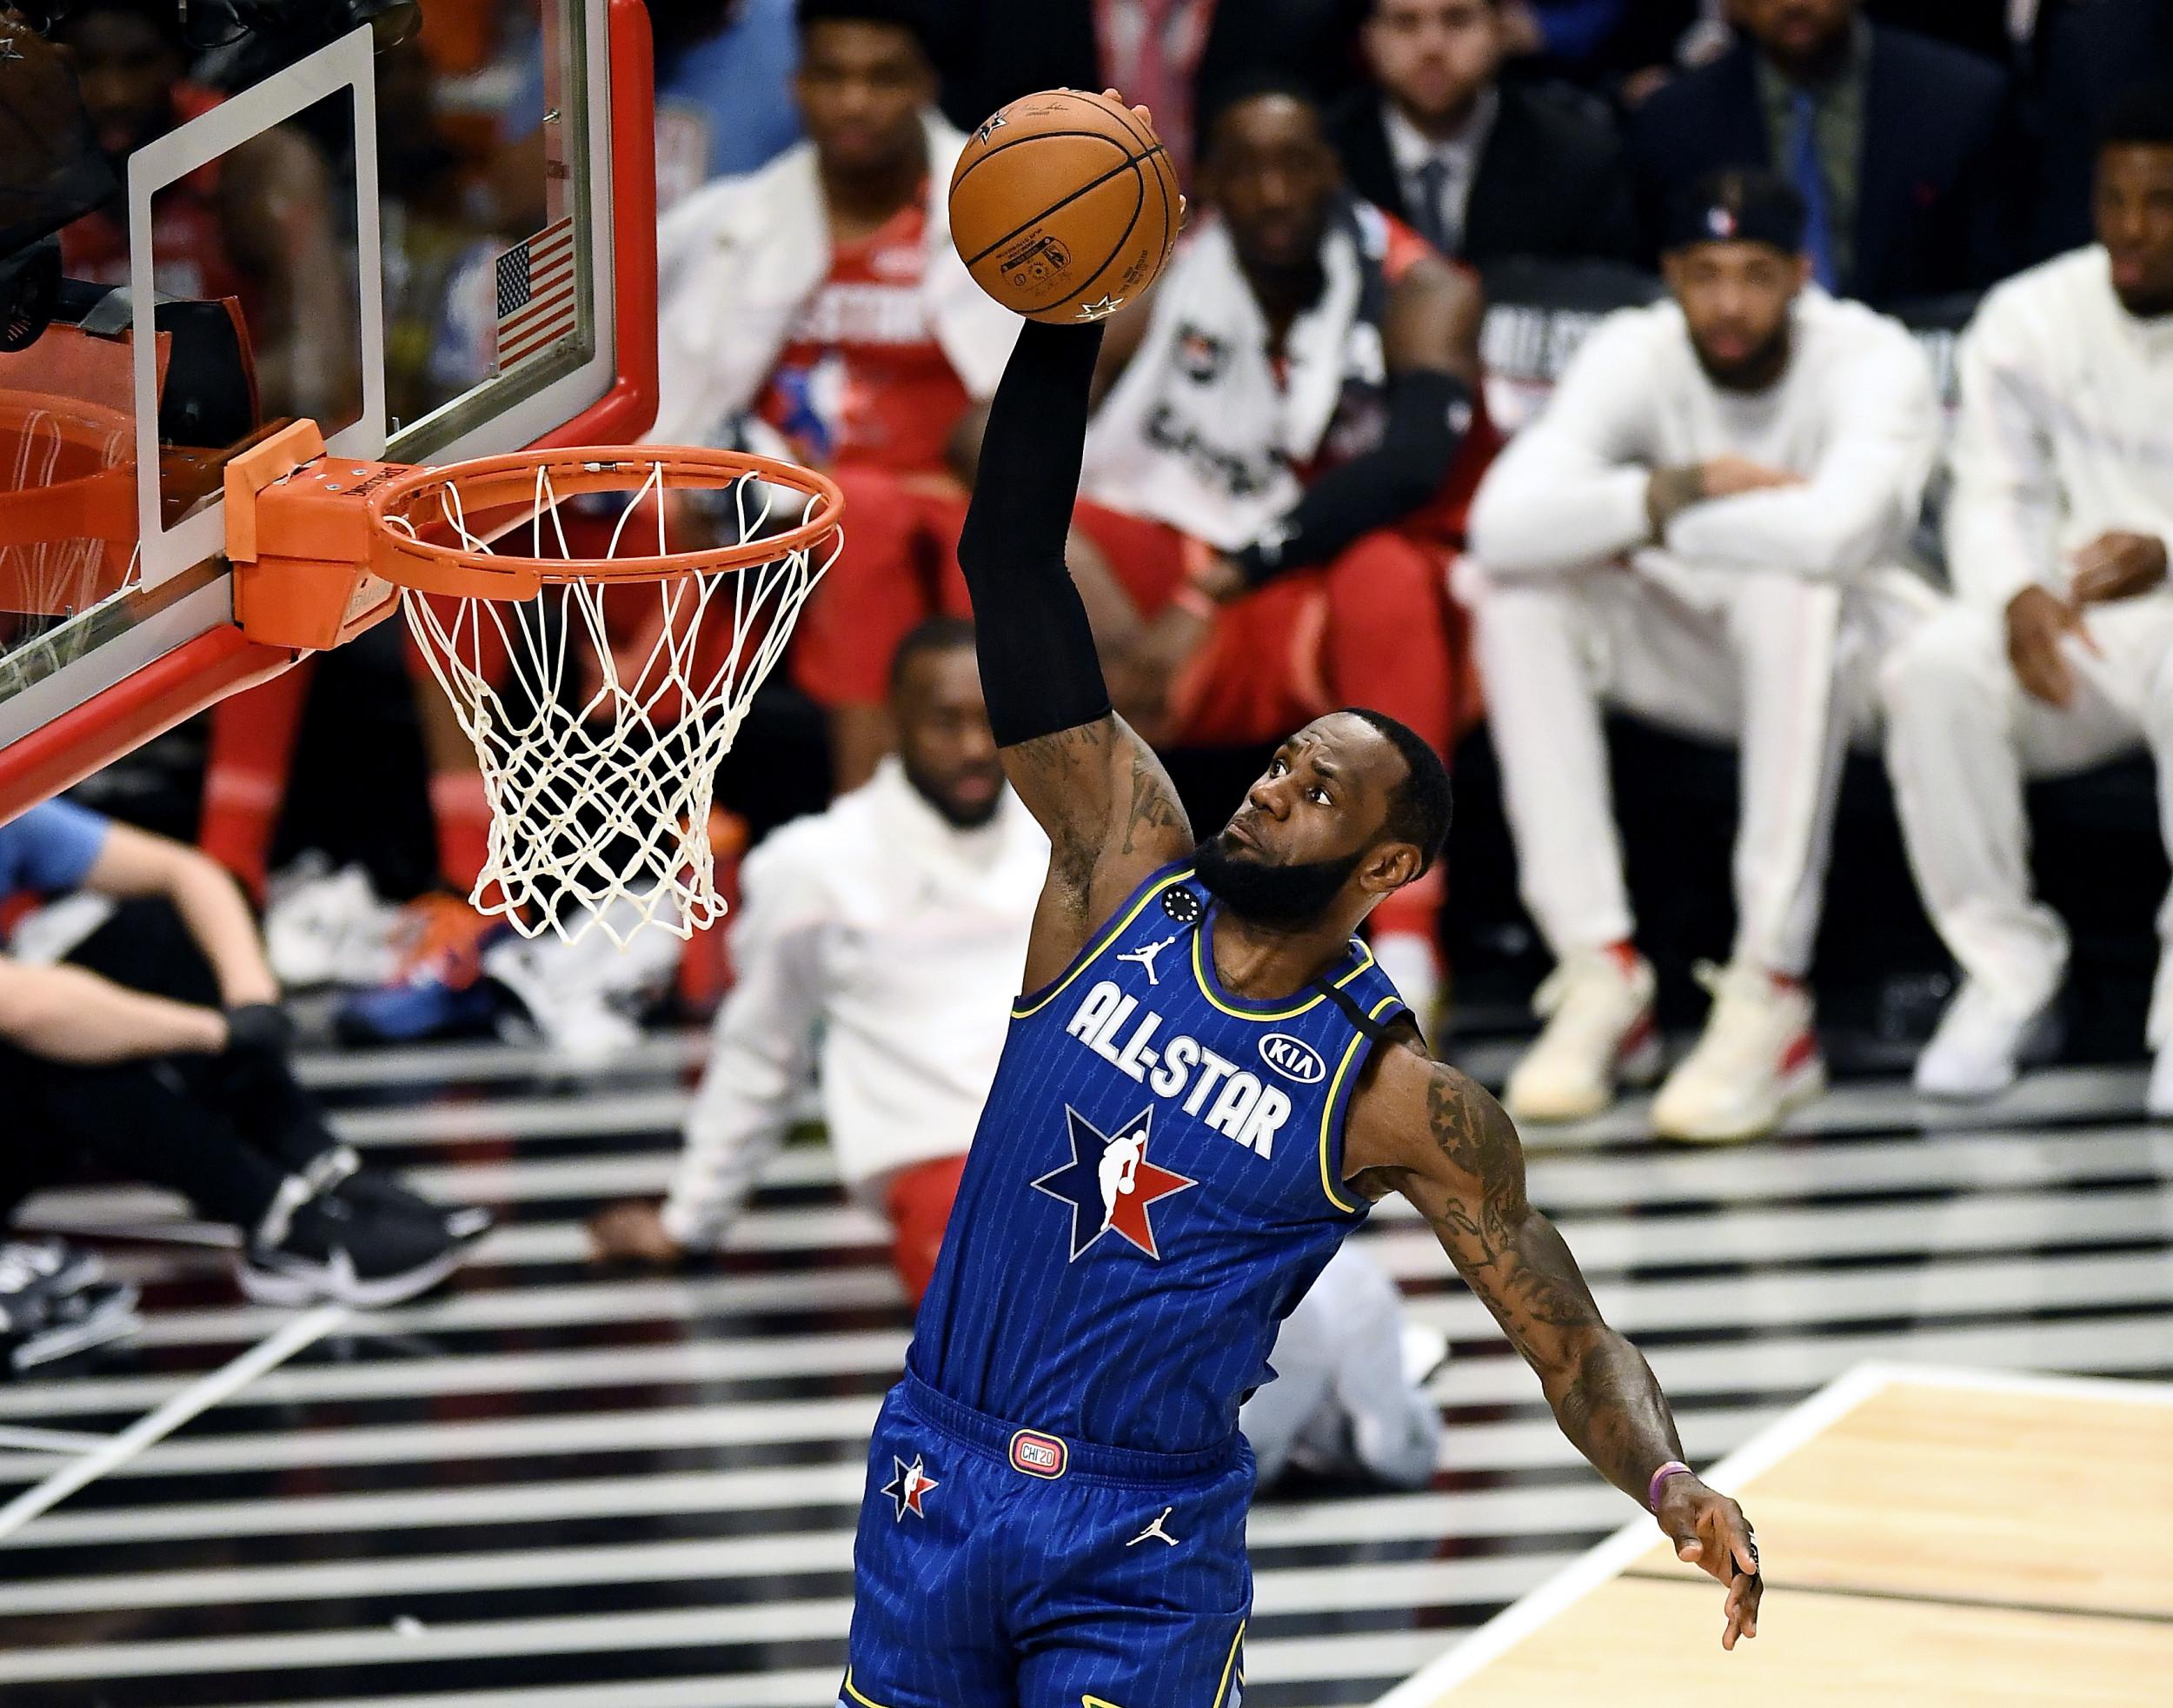 Фотографии баскетболистов нба